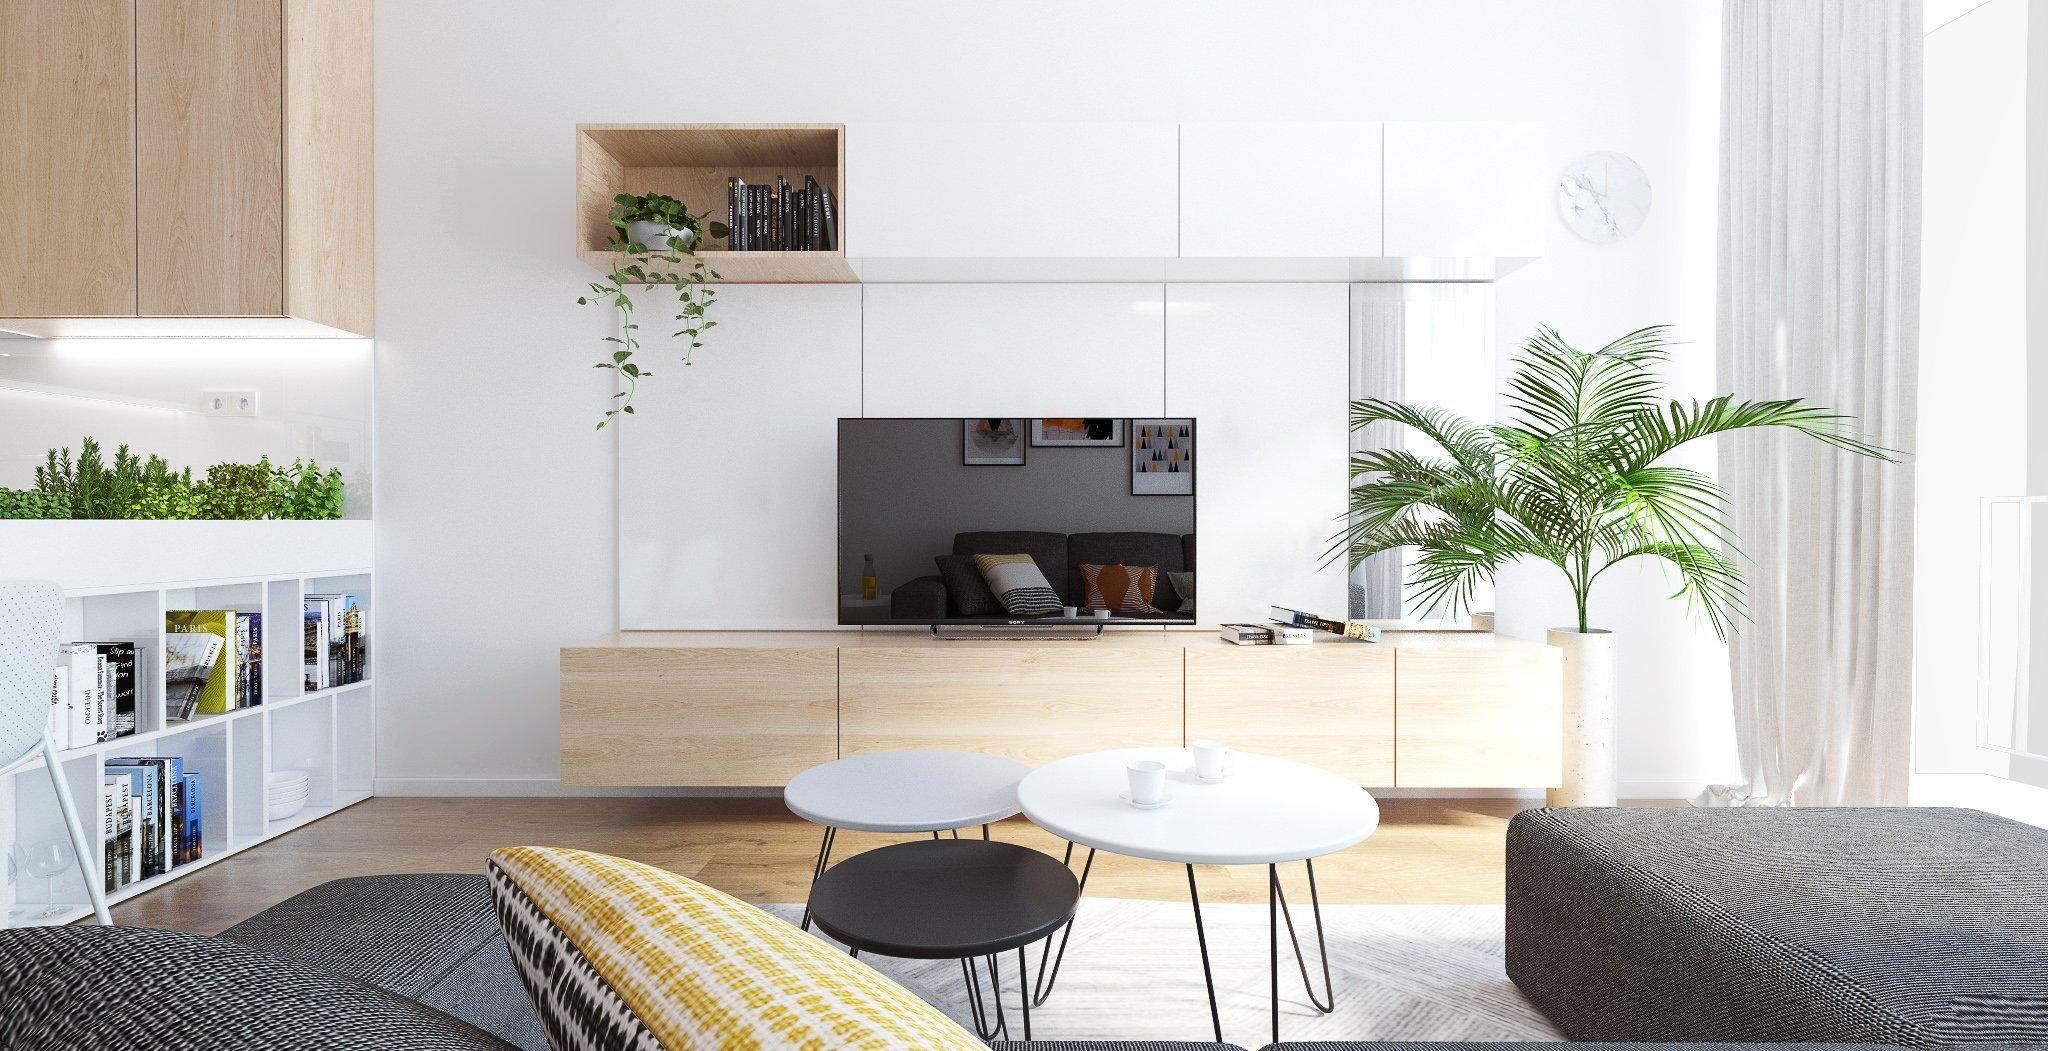 Denná zóna dvojizbového bytu v obľúbenom projekte Slnečnice bola navrhnutá nadčasovo. Kombinácia bielej a dreva je preferovaná najmä preto, že poskytuje…